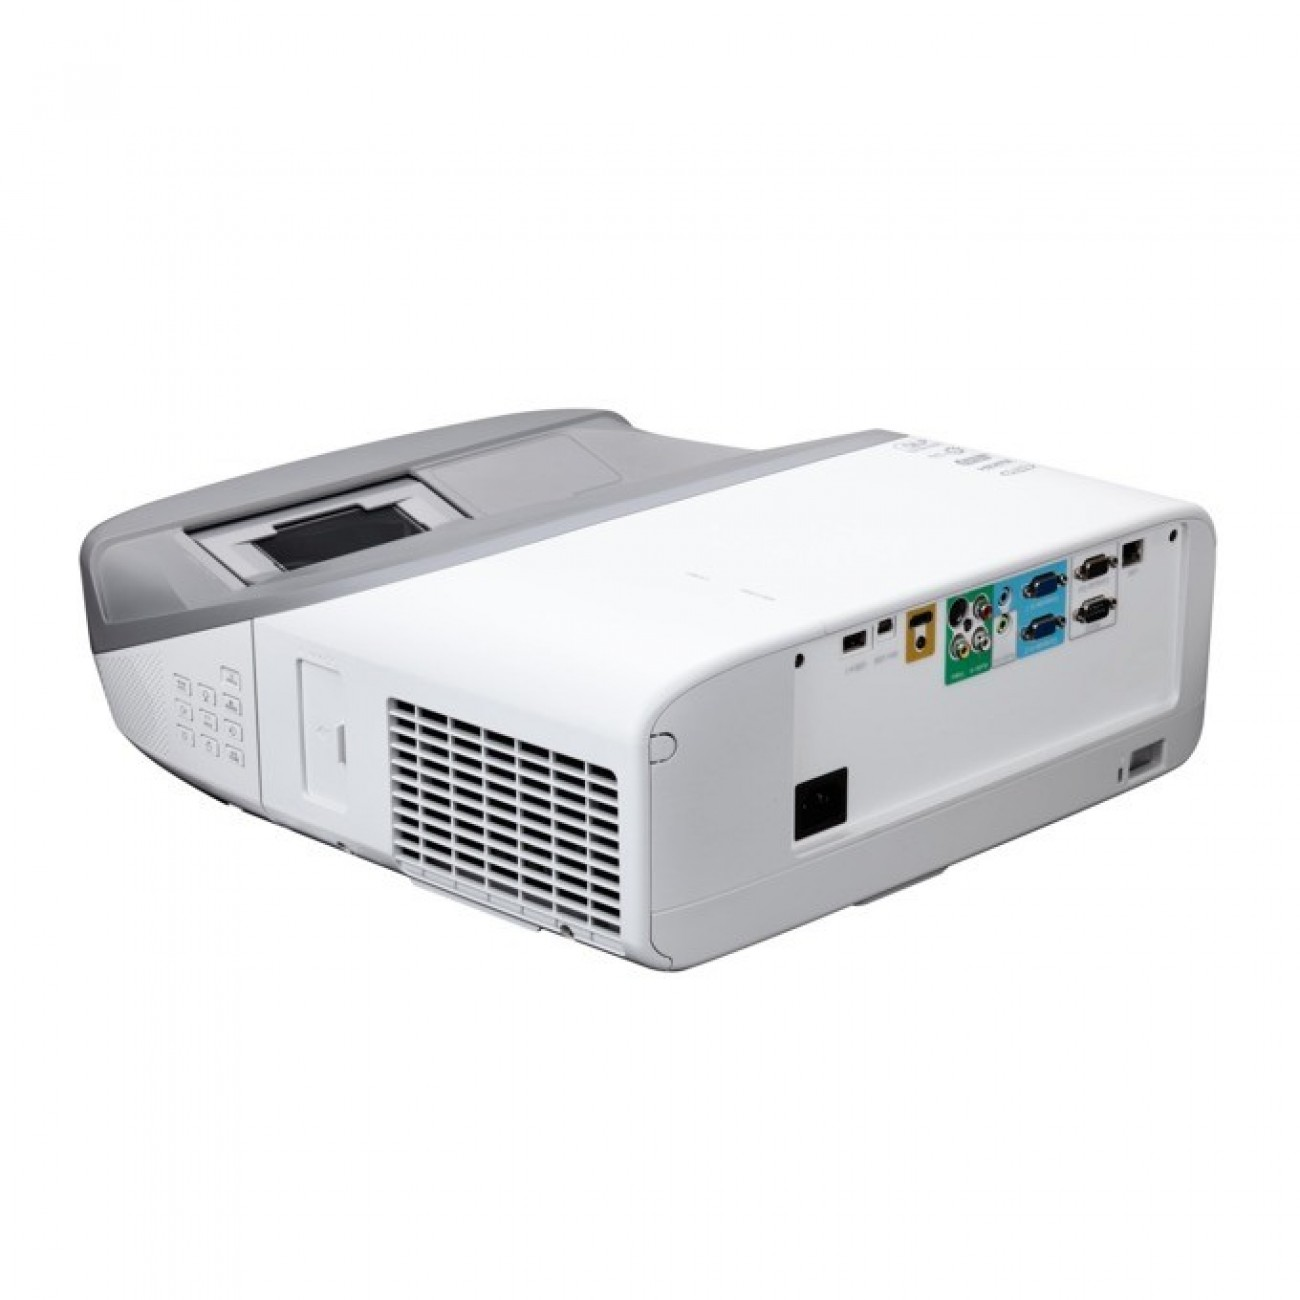 Проектор ViewSonic PS700W, DLP, Ultra Short Throw, WXGA (1280x800), 10000:1, 3300 lm, VGA, HDMI , USB 2.0, RJ45, RS232 в Проектори - ViewSonic | Alleop